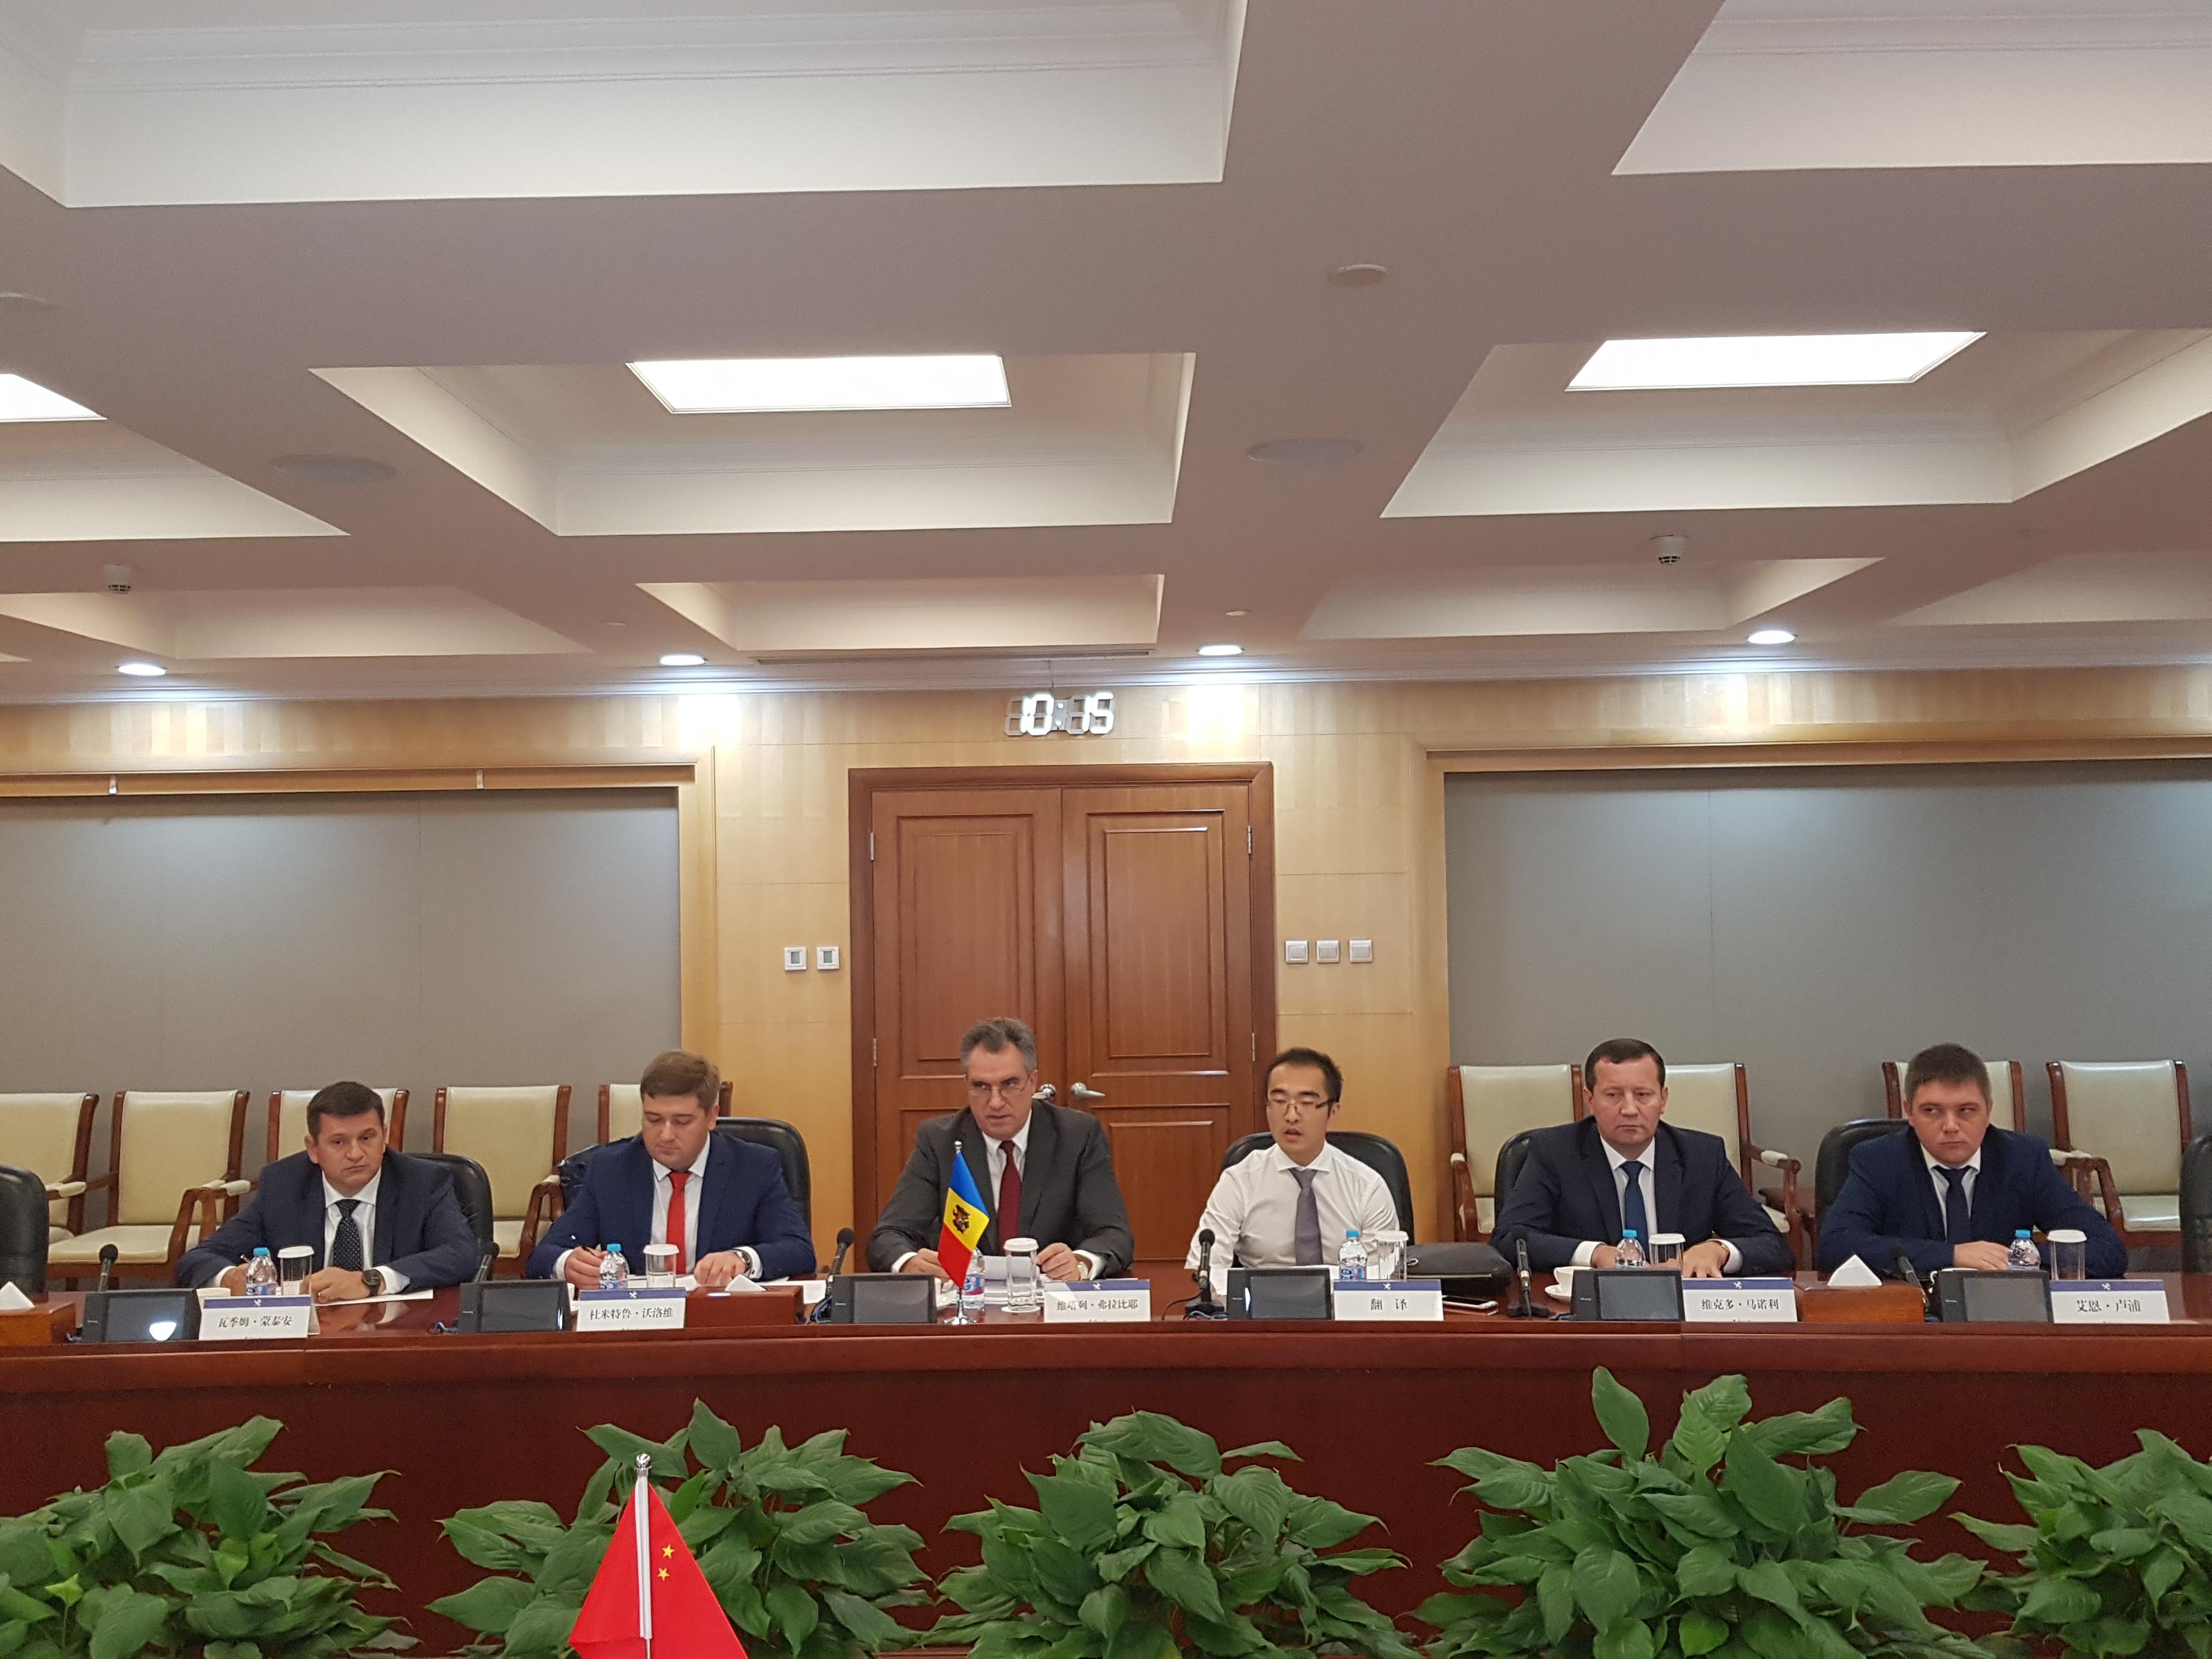 Vitalie Vrabie s-a întâlnit, la Beijing, cu conducerea Vămii din China, vama moldova, securitatea la frontiera, guvernul filip, pdm